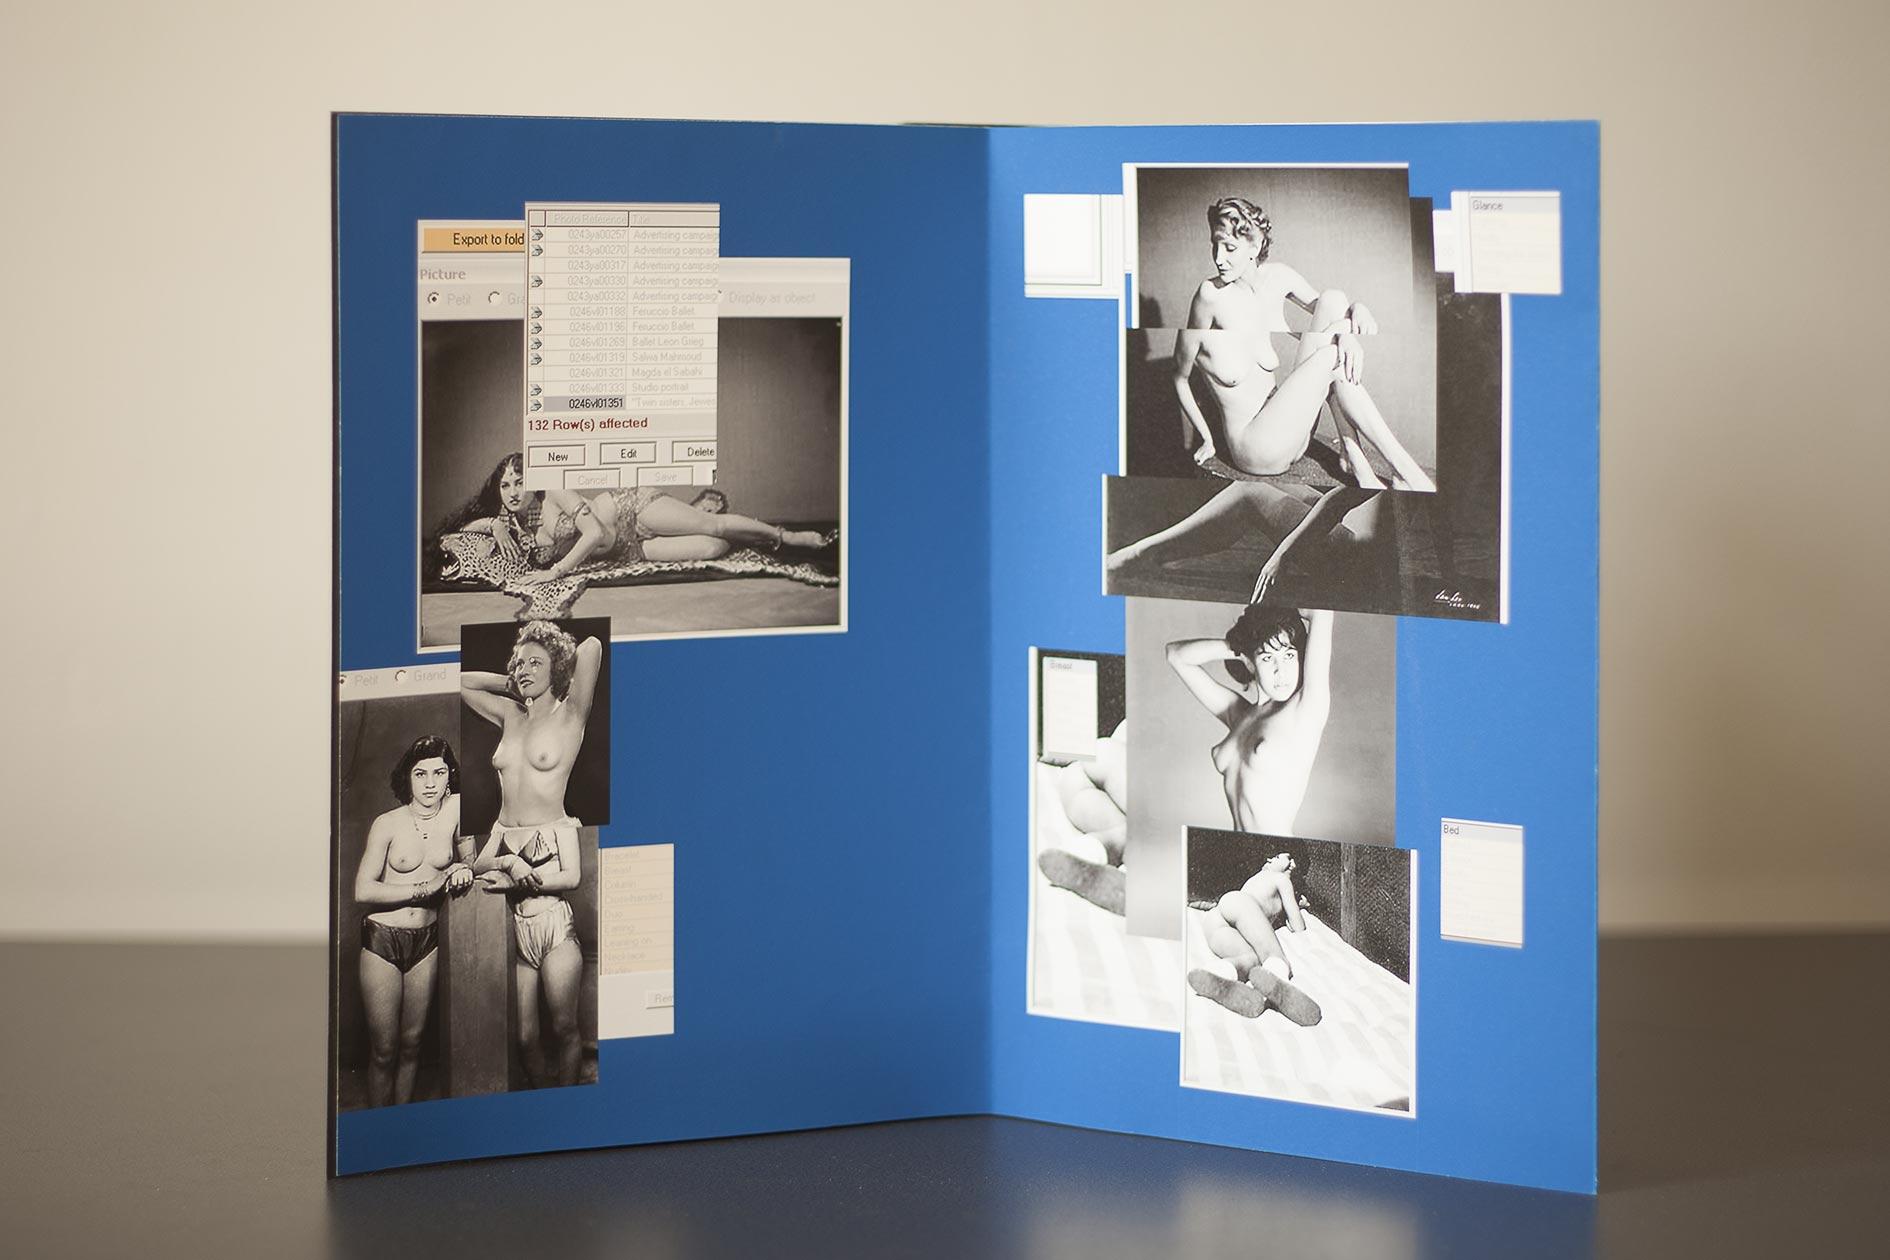 msdm-studio-sexndatabase-book-02